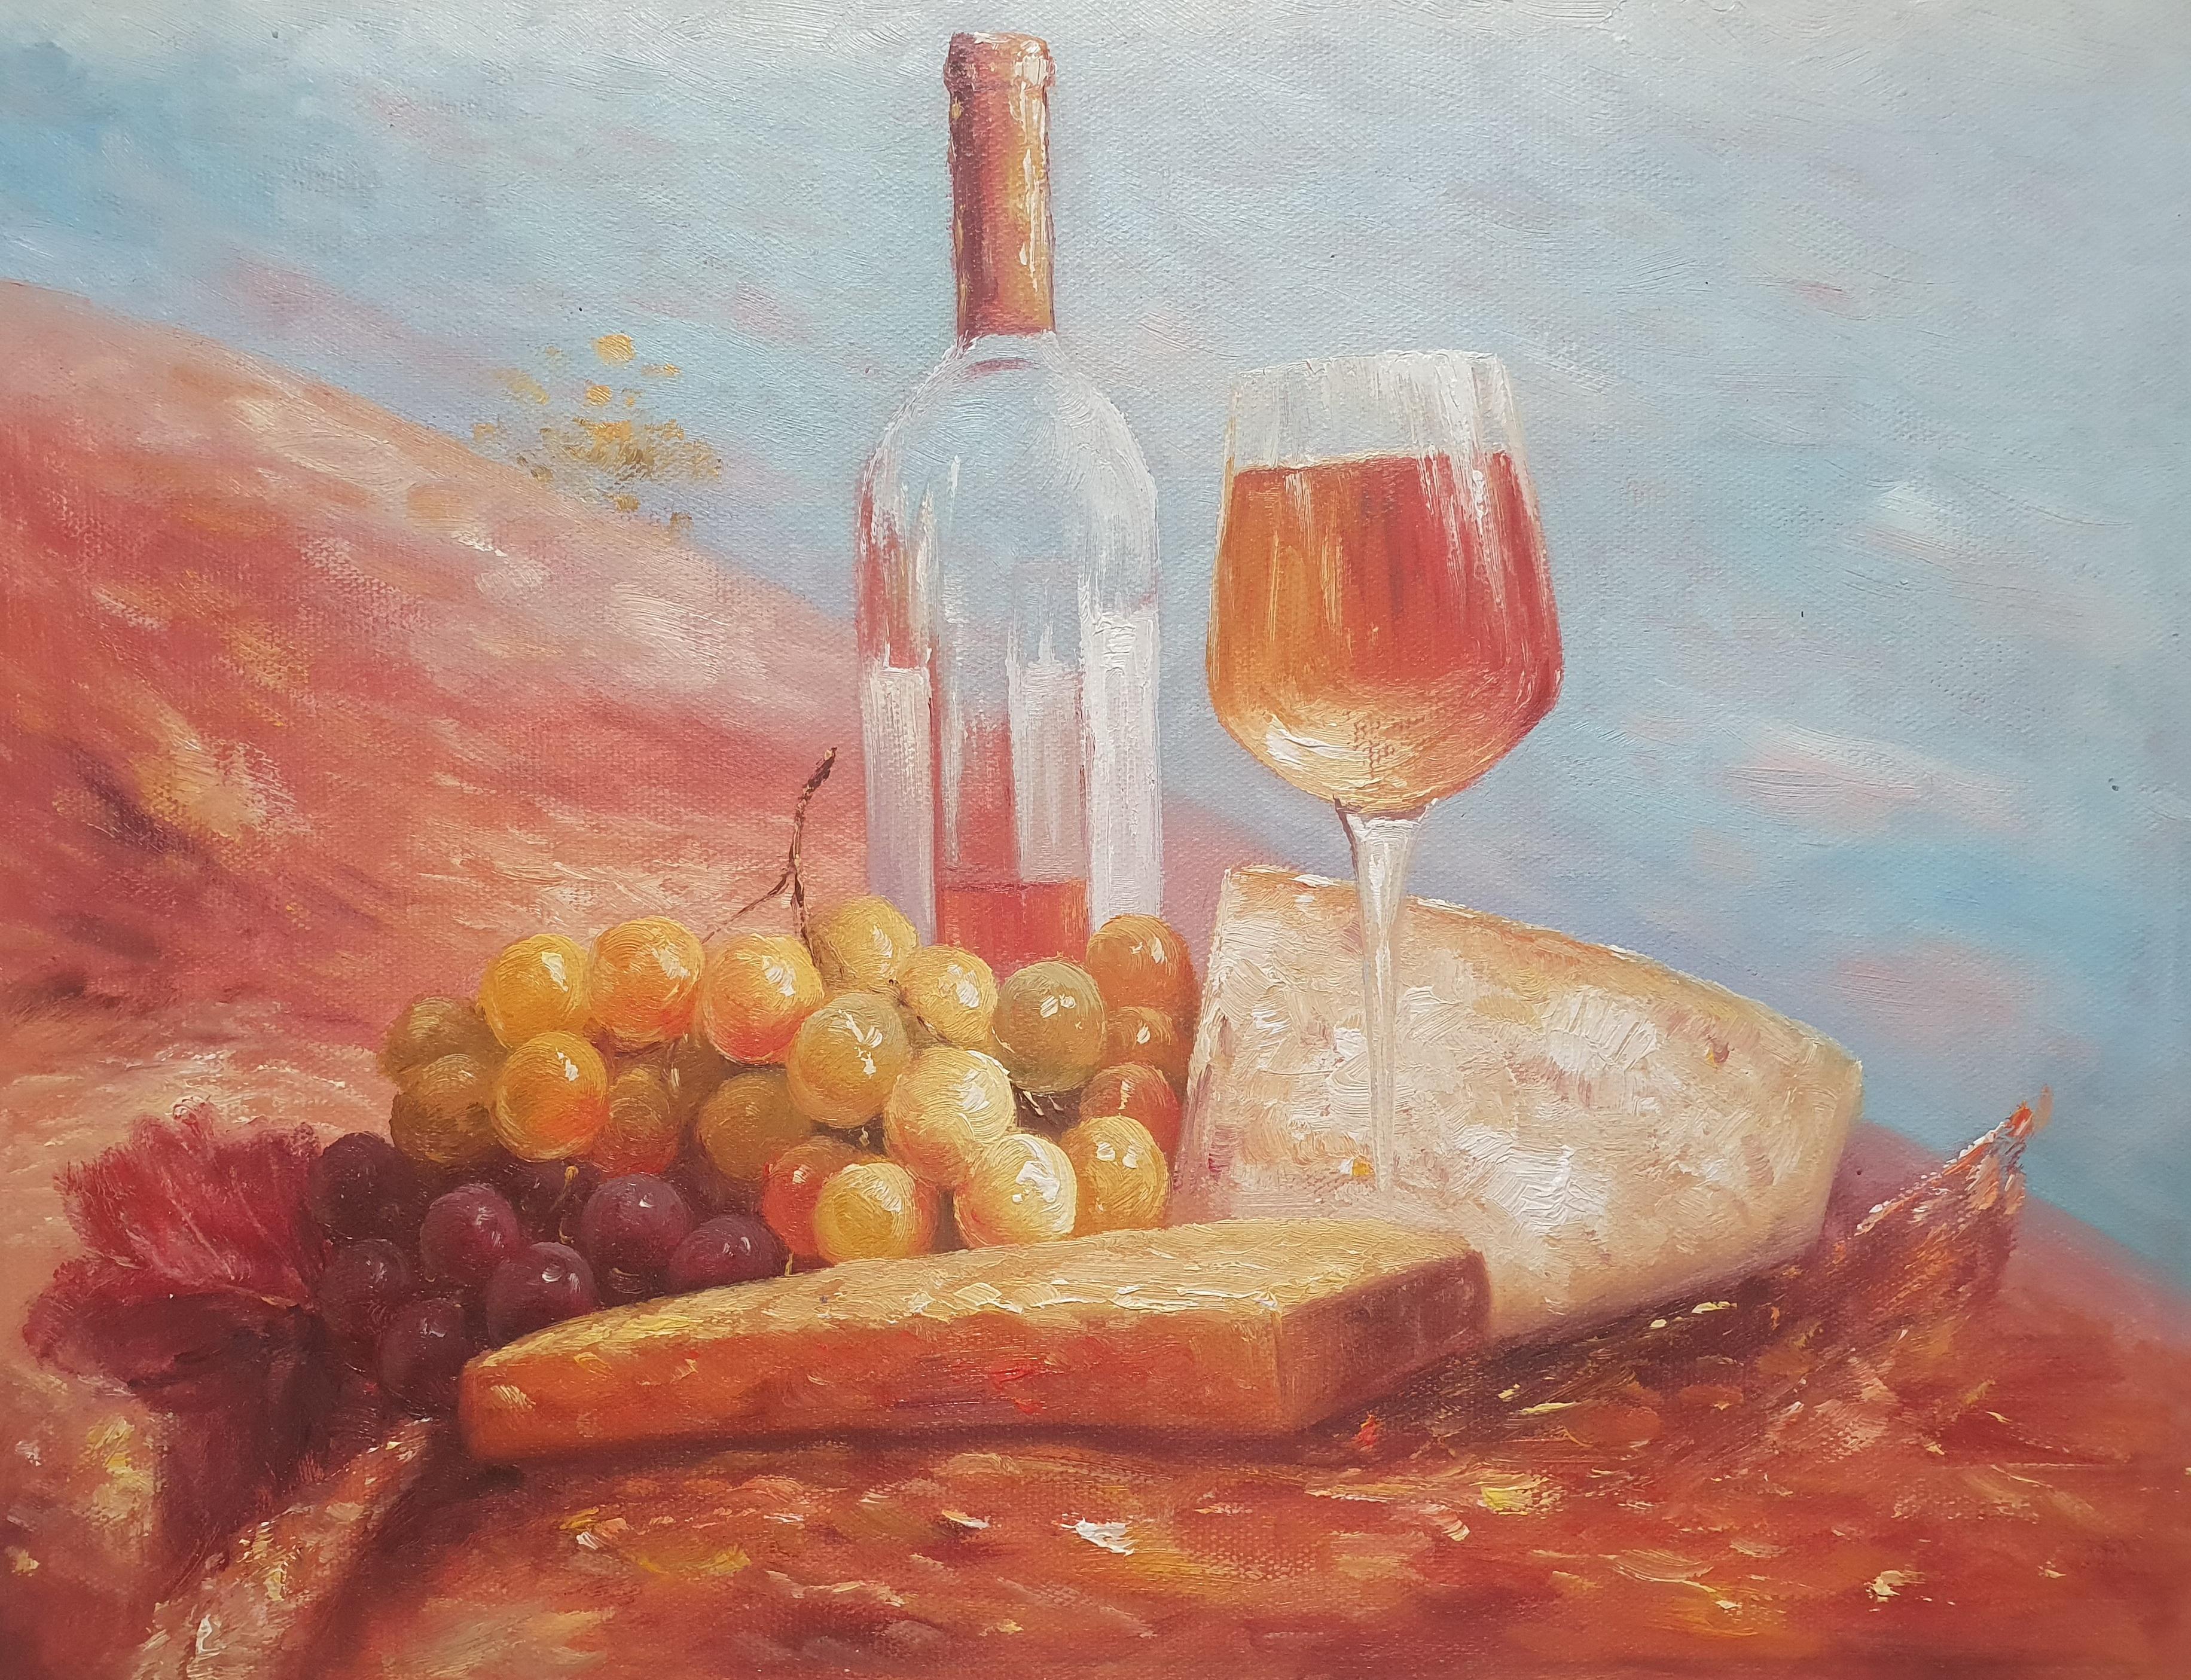 Натюрморт «Обед в Провансе» картина 30х40 арт. 3Ц072